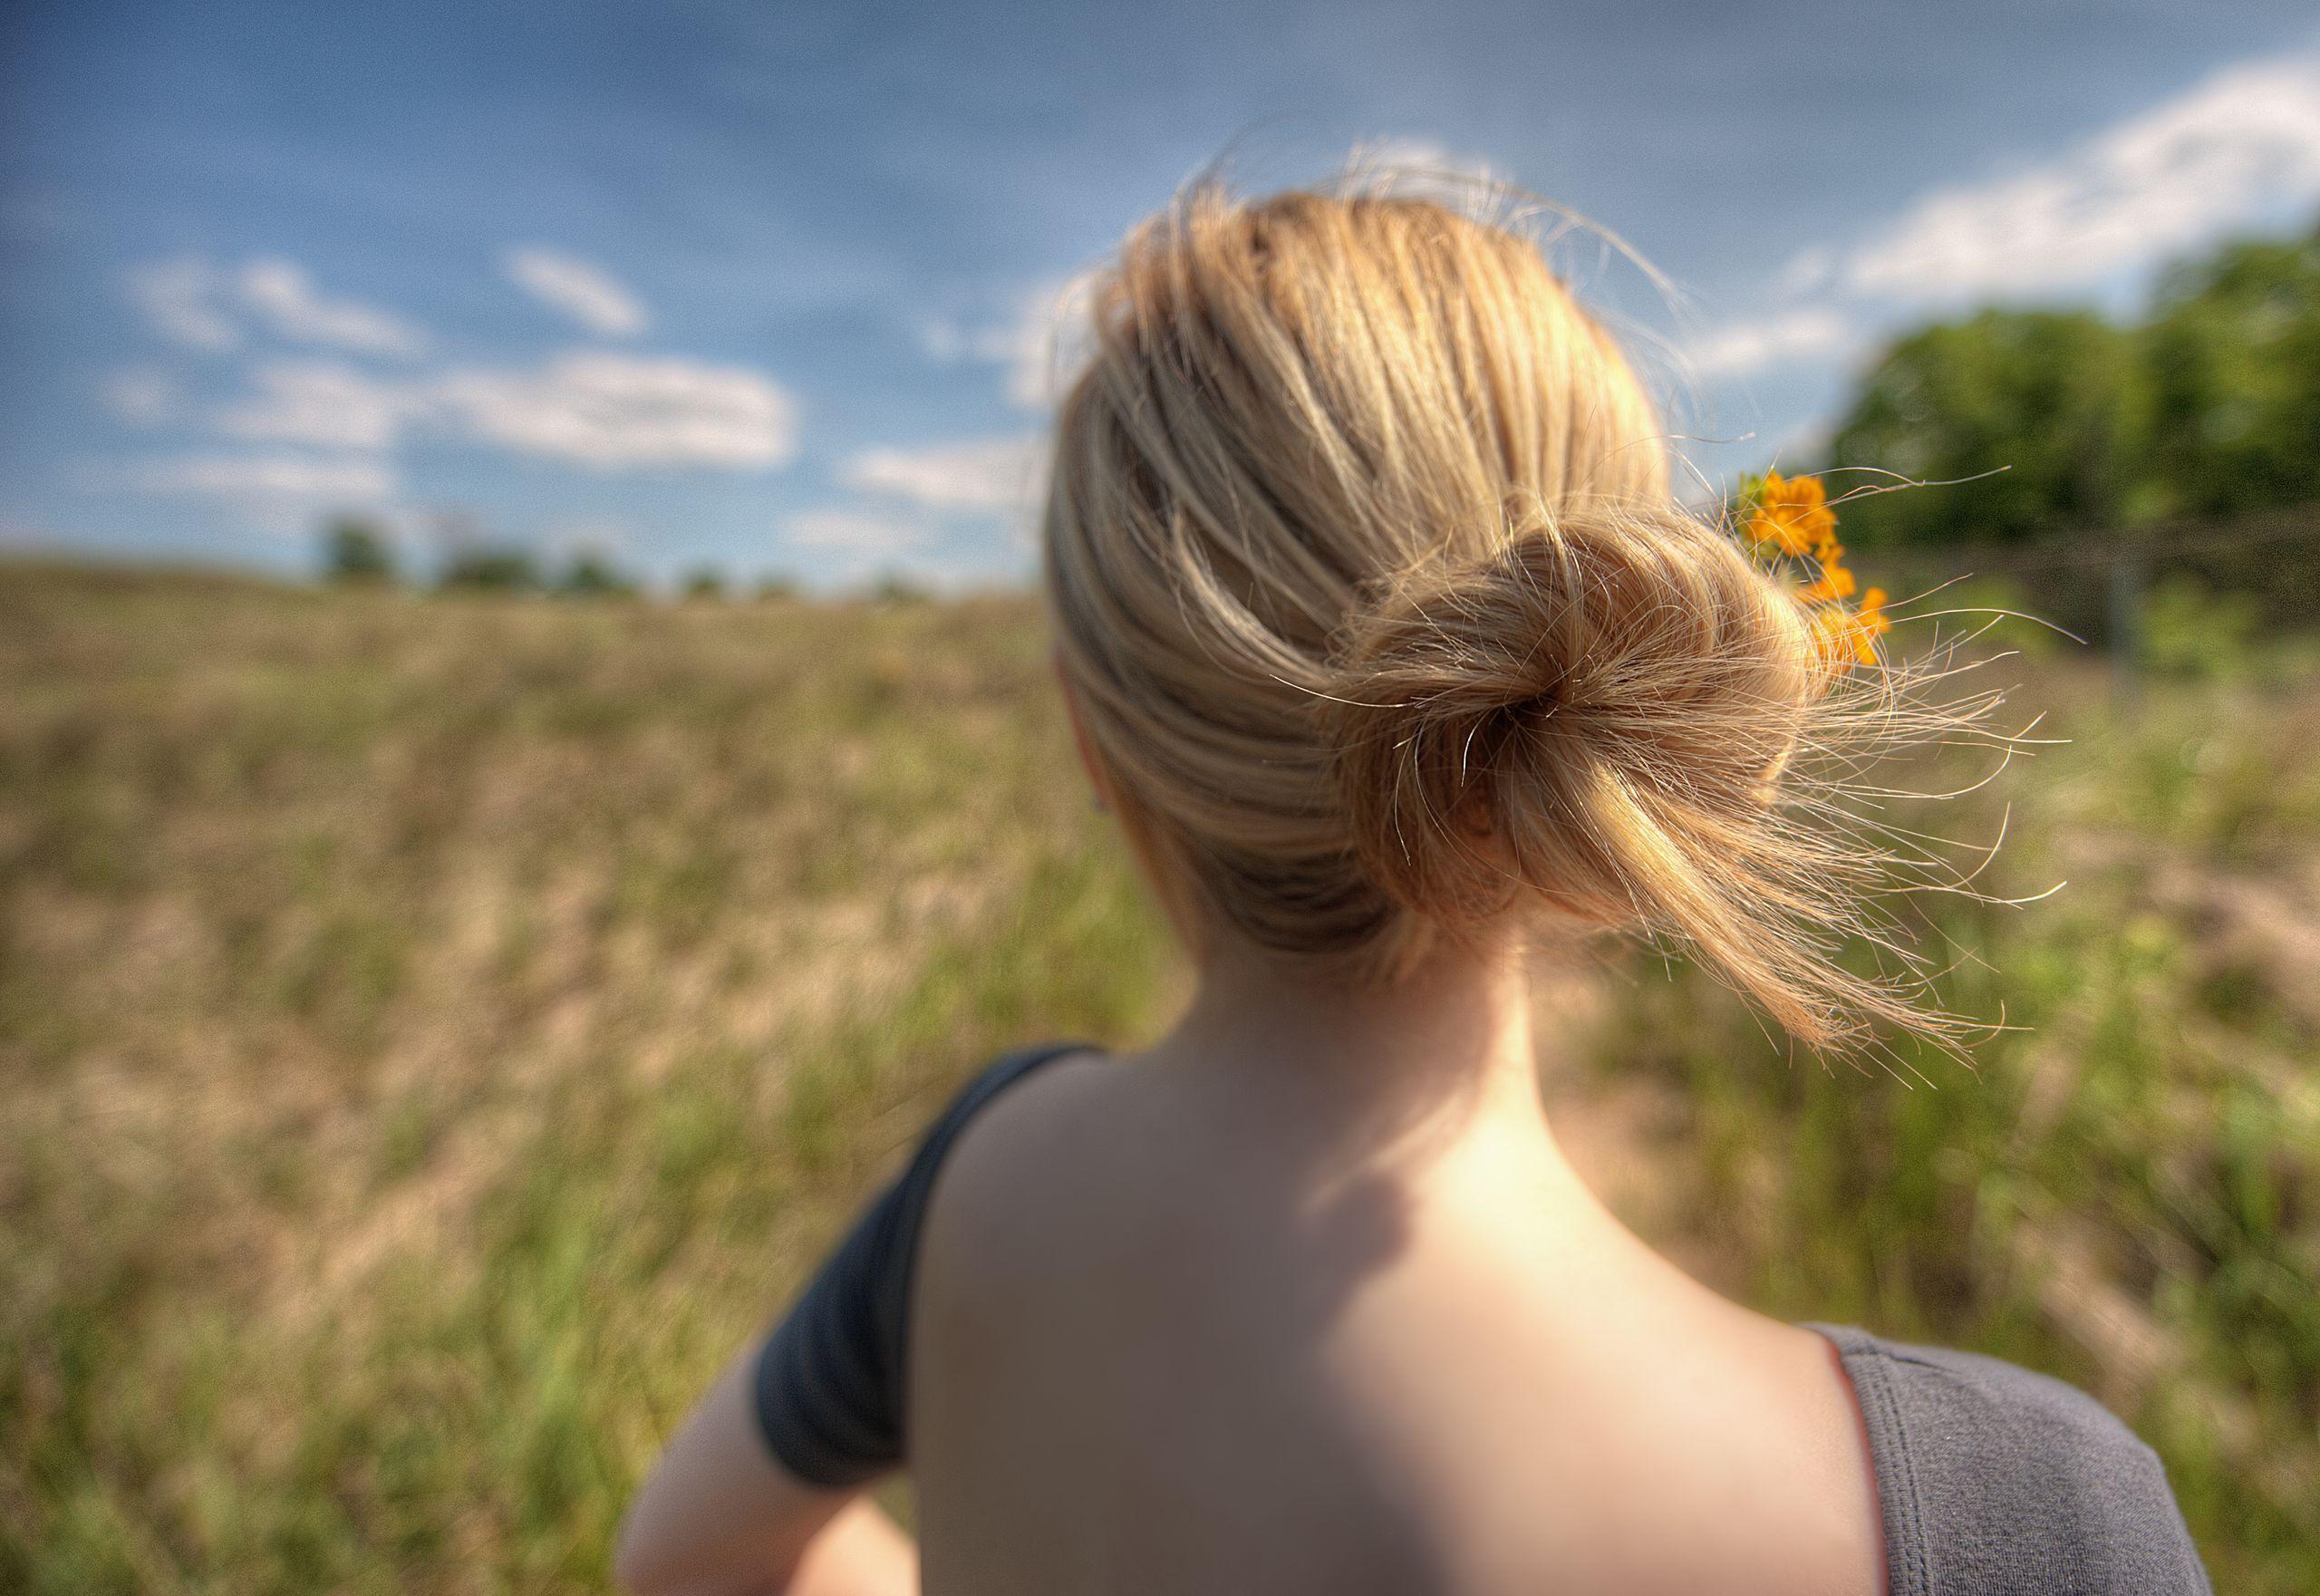 Фото девушка блондинка вид со спины 16 фотография